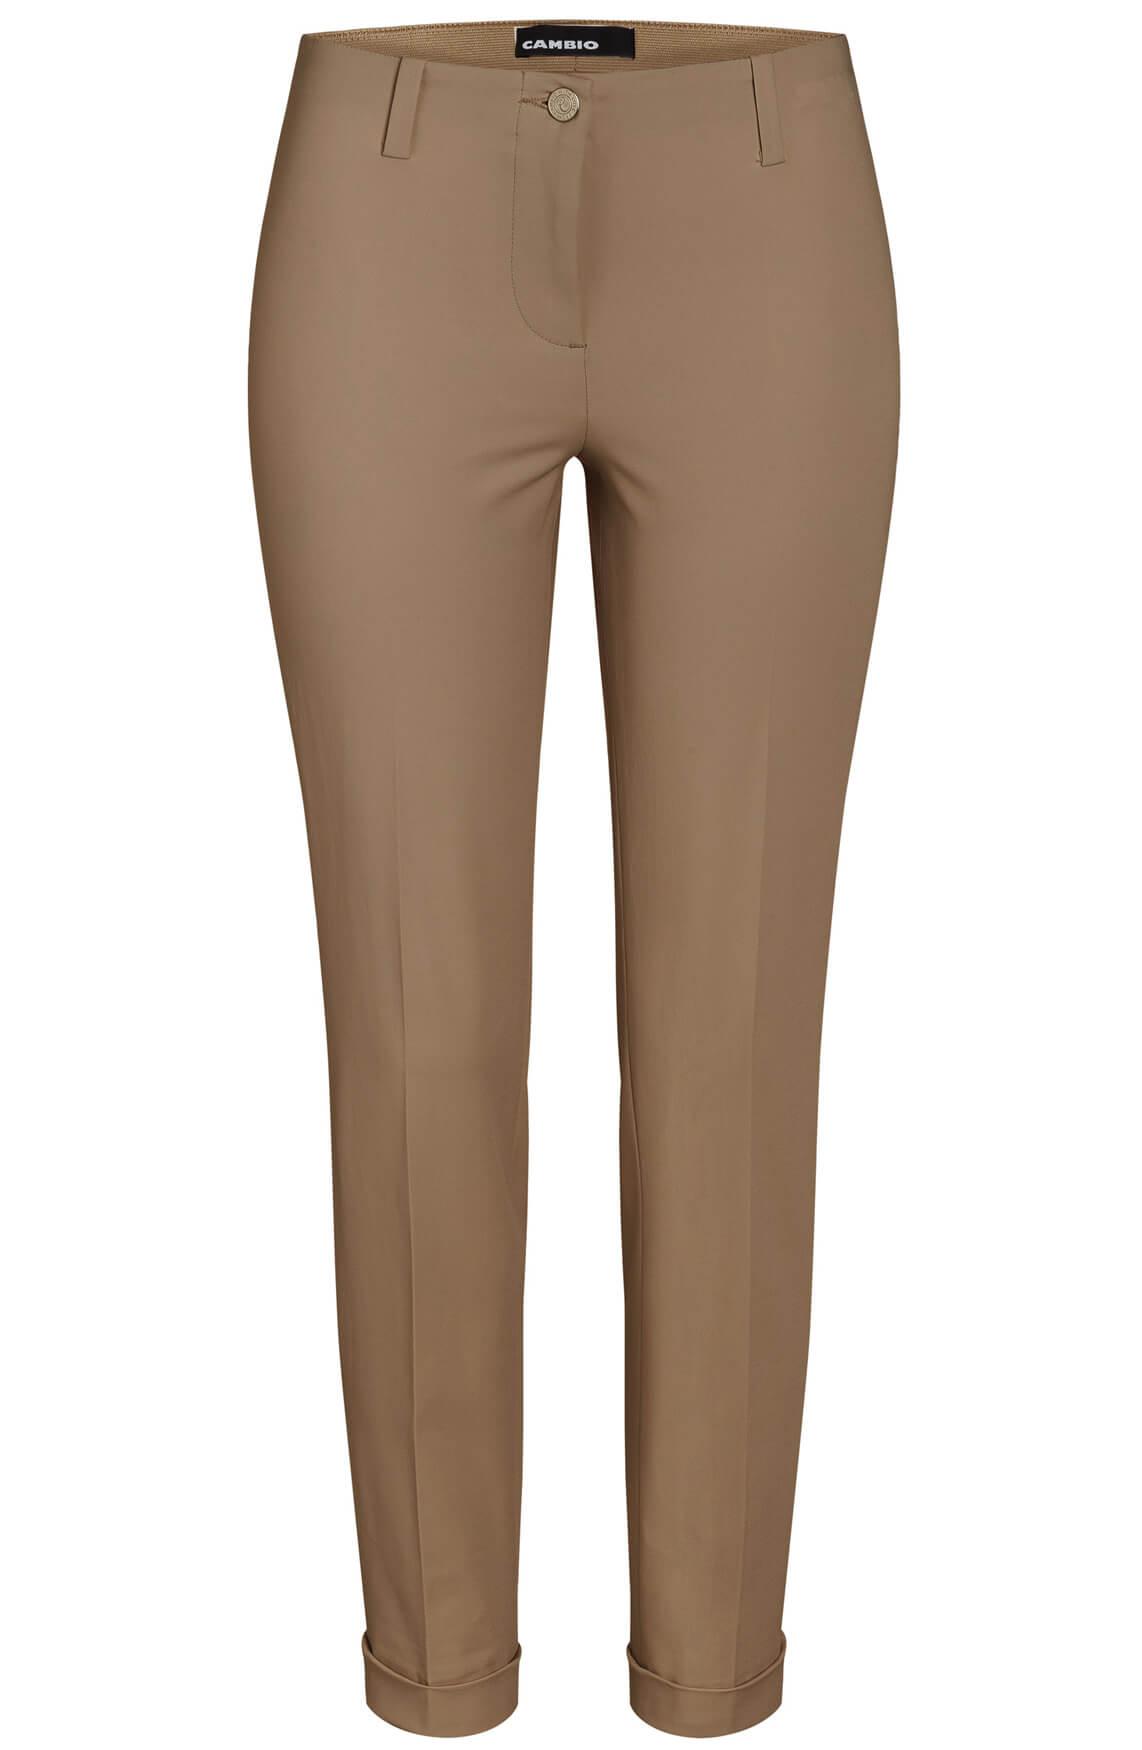 Cambio Dames Ros pantalon Bruin